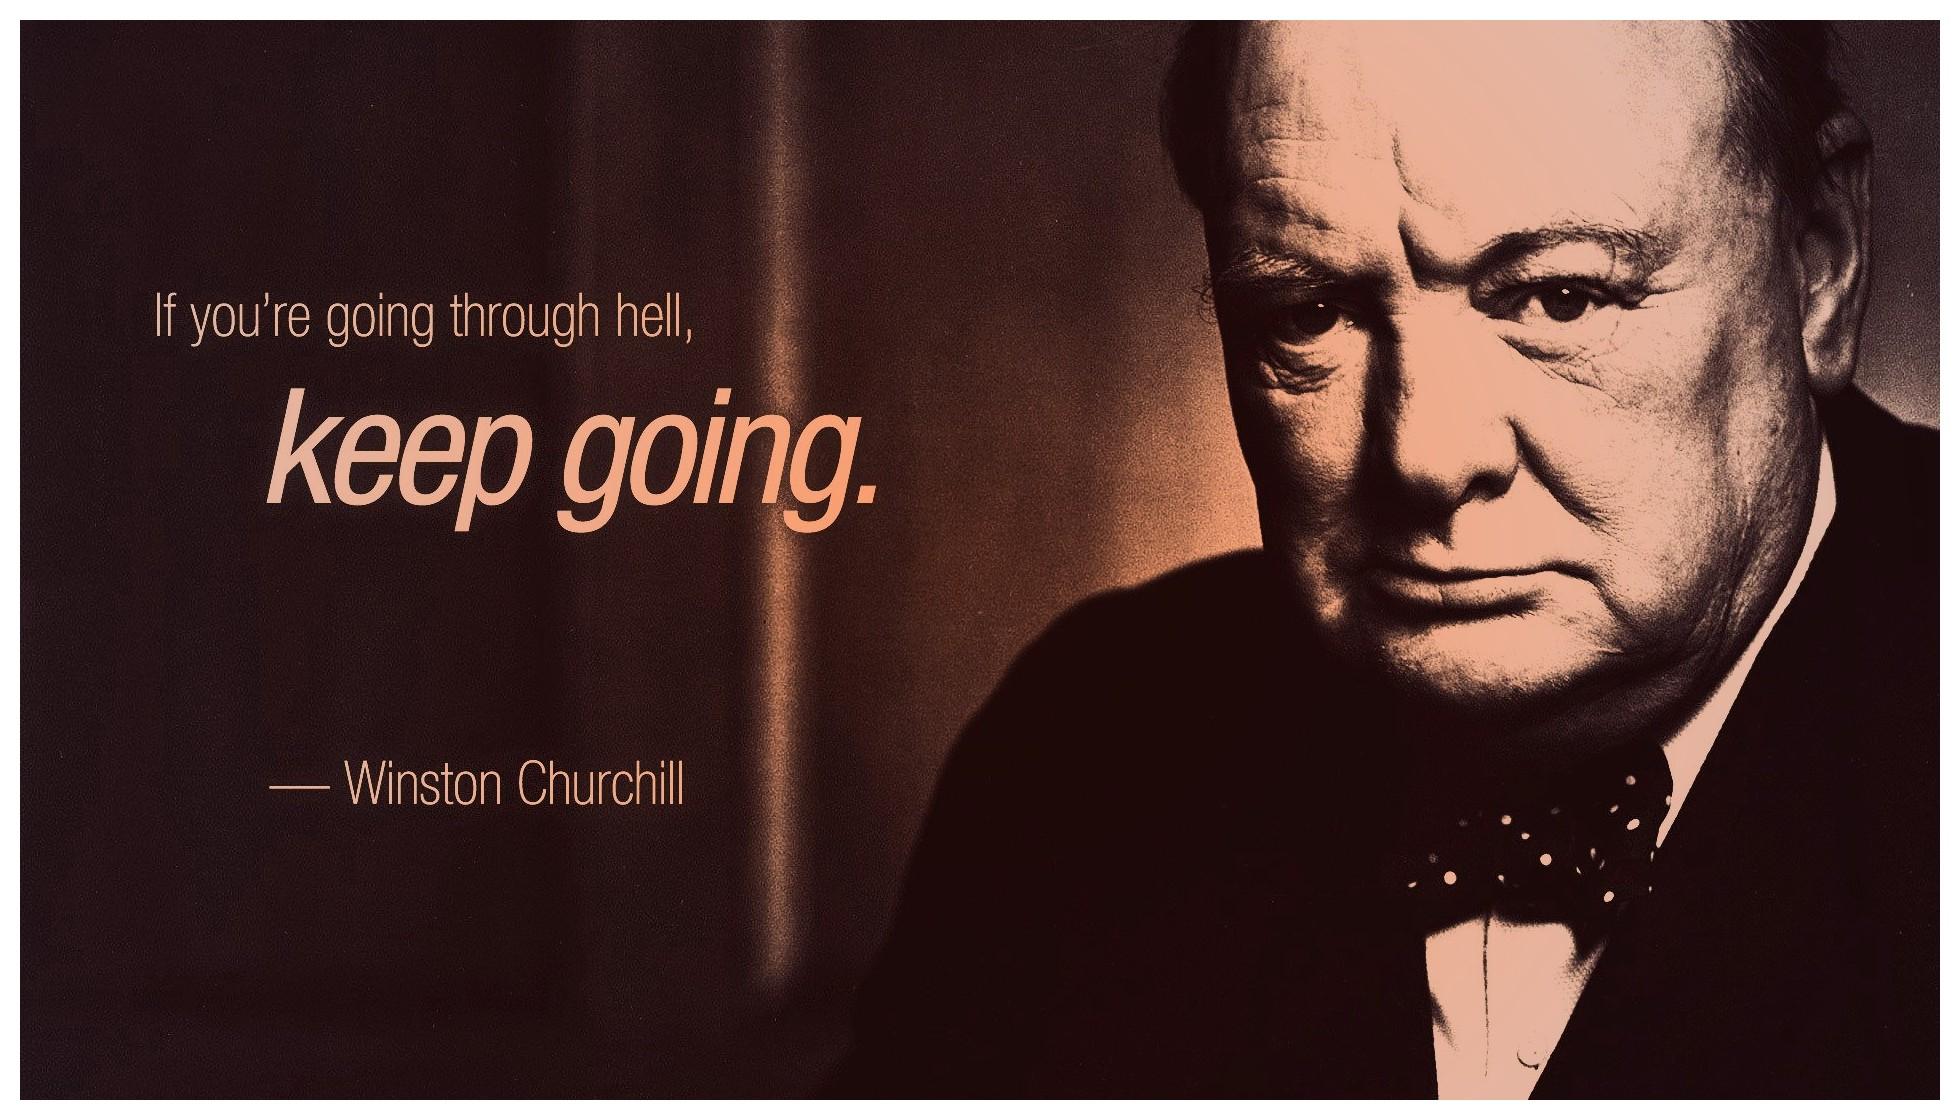 Winston Churchill Quotes. QuotesGram